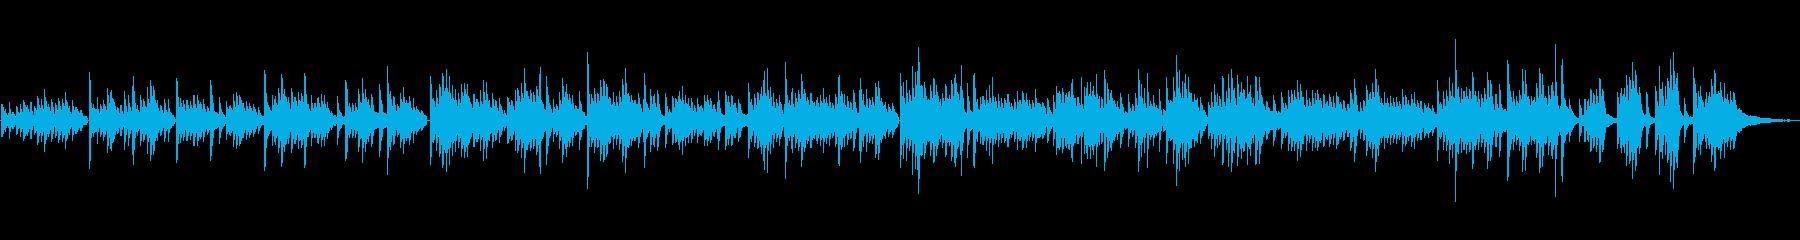 生ピアノソロ・花びら上のしずくの再生済みの波形